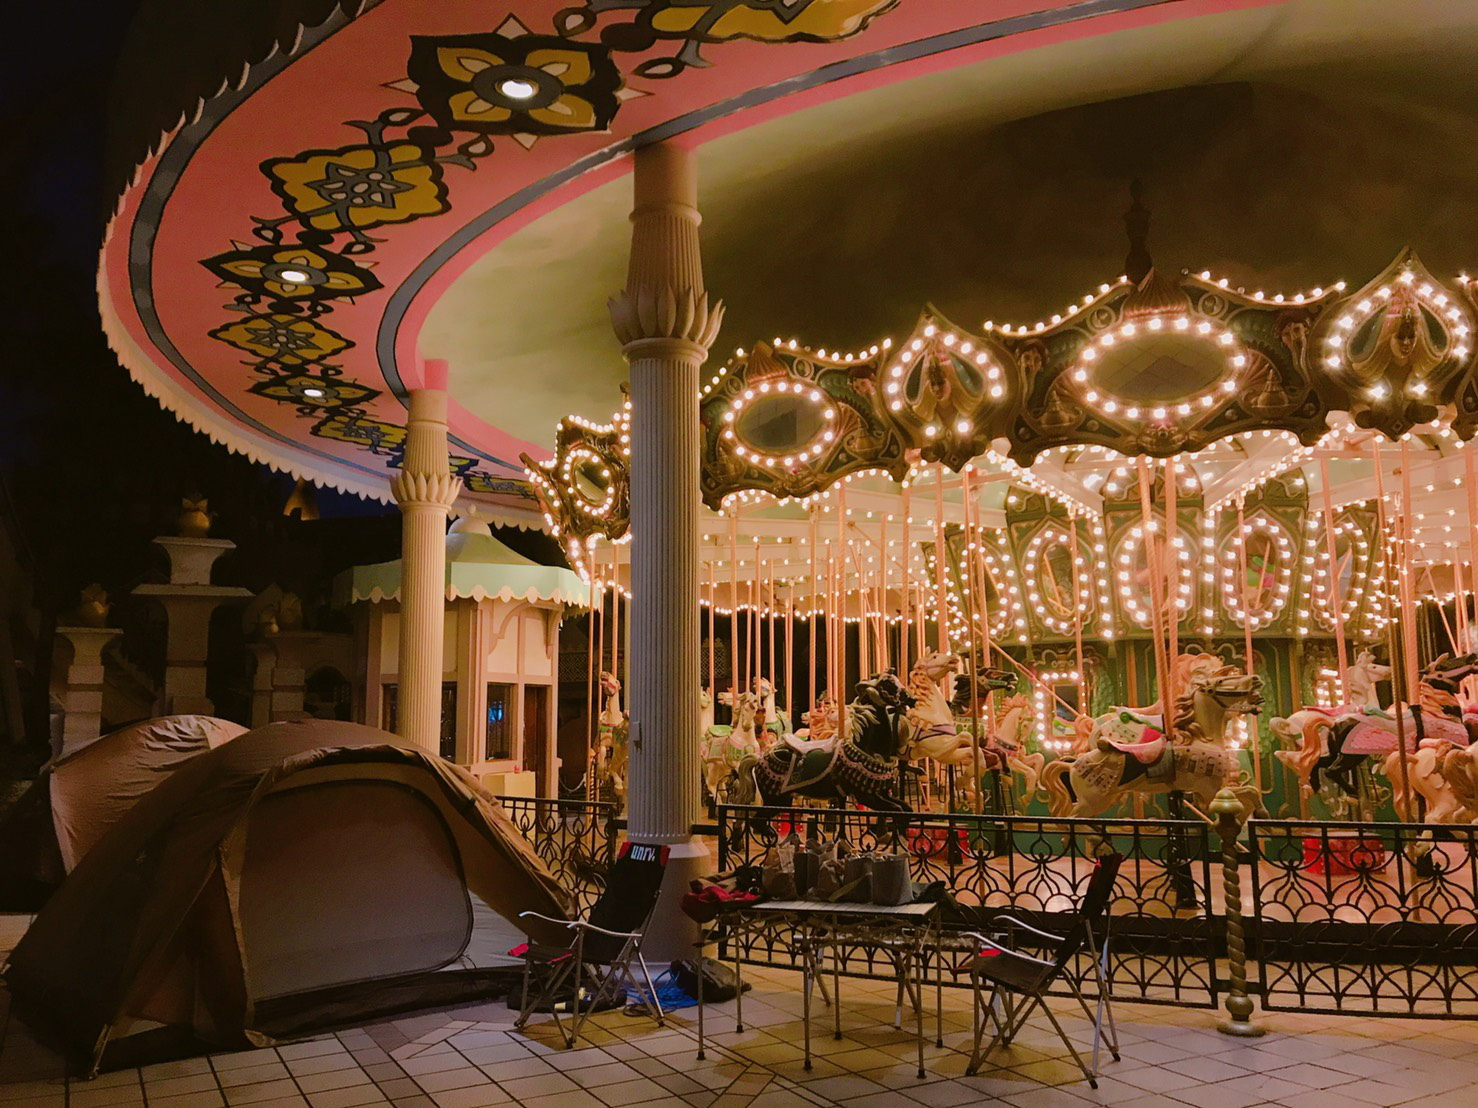 台灣遊樂園史上第一次 六福村星光露營初體驗回憶無價